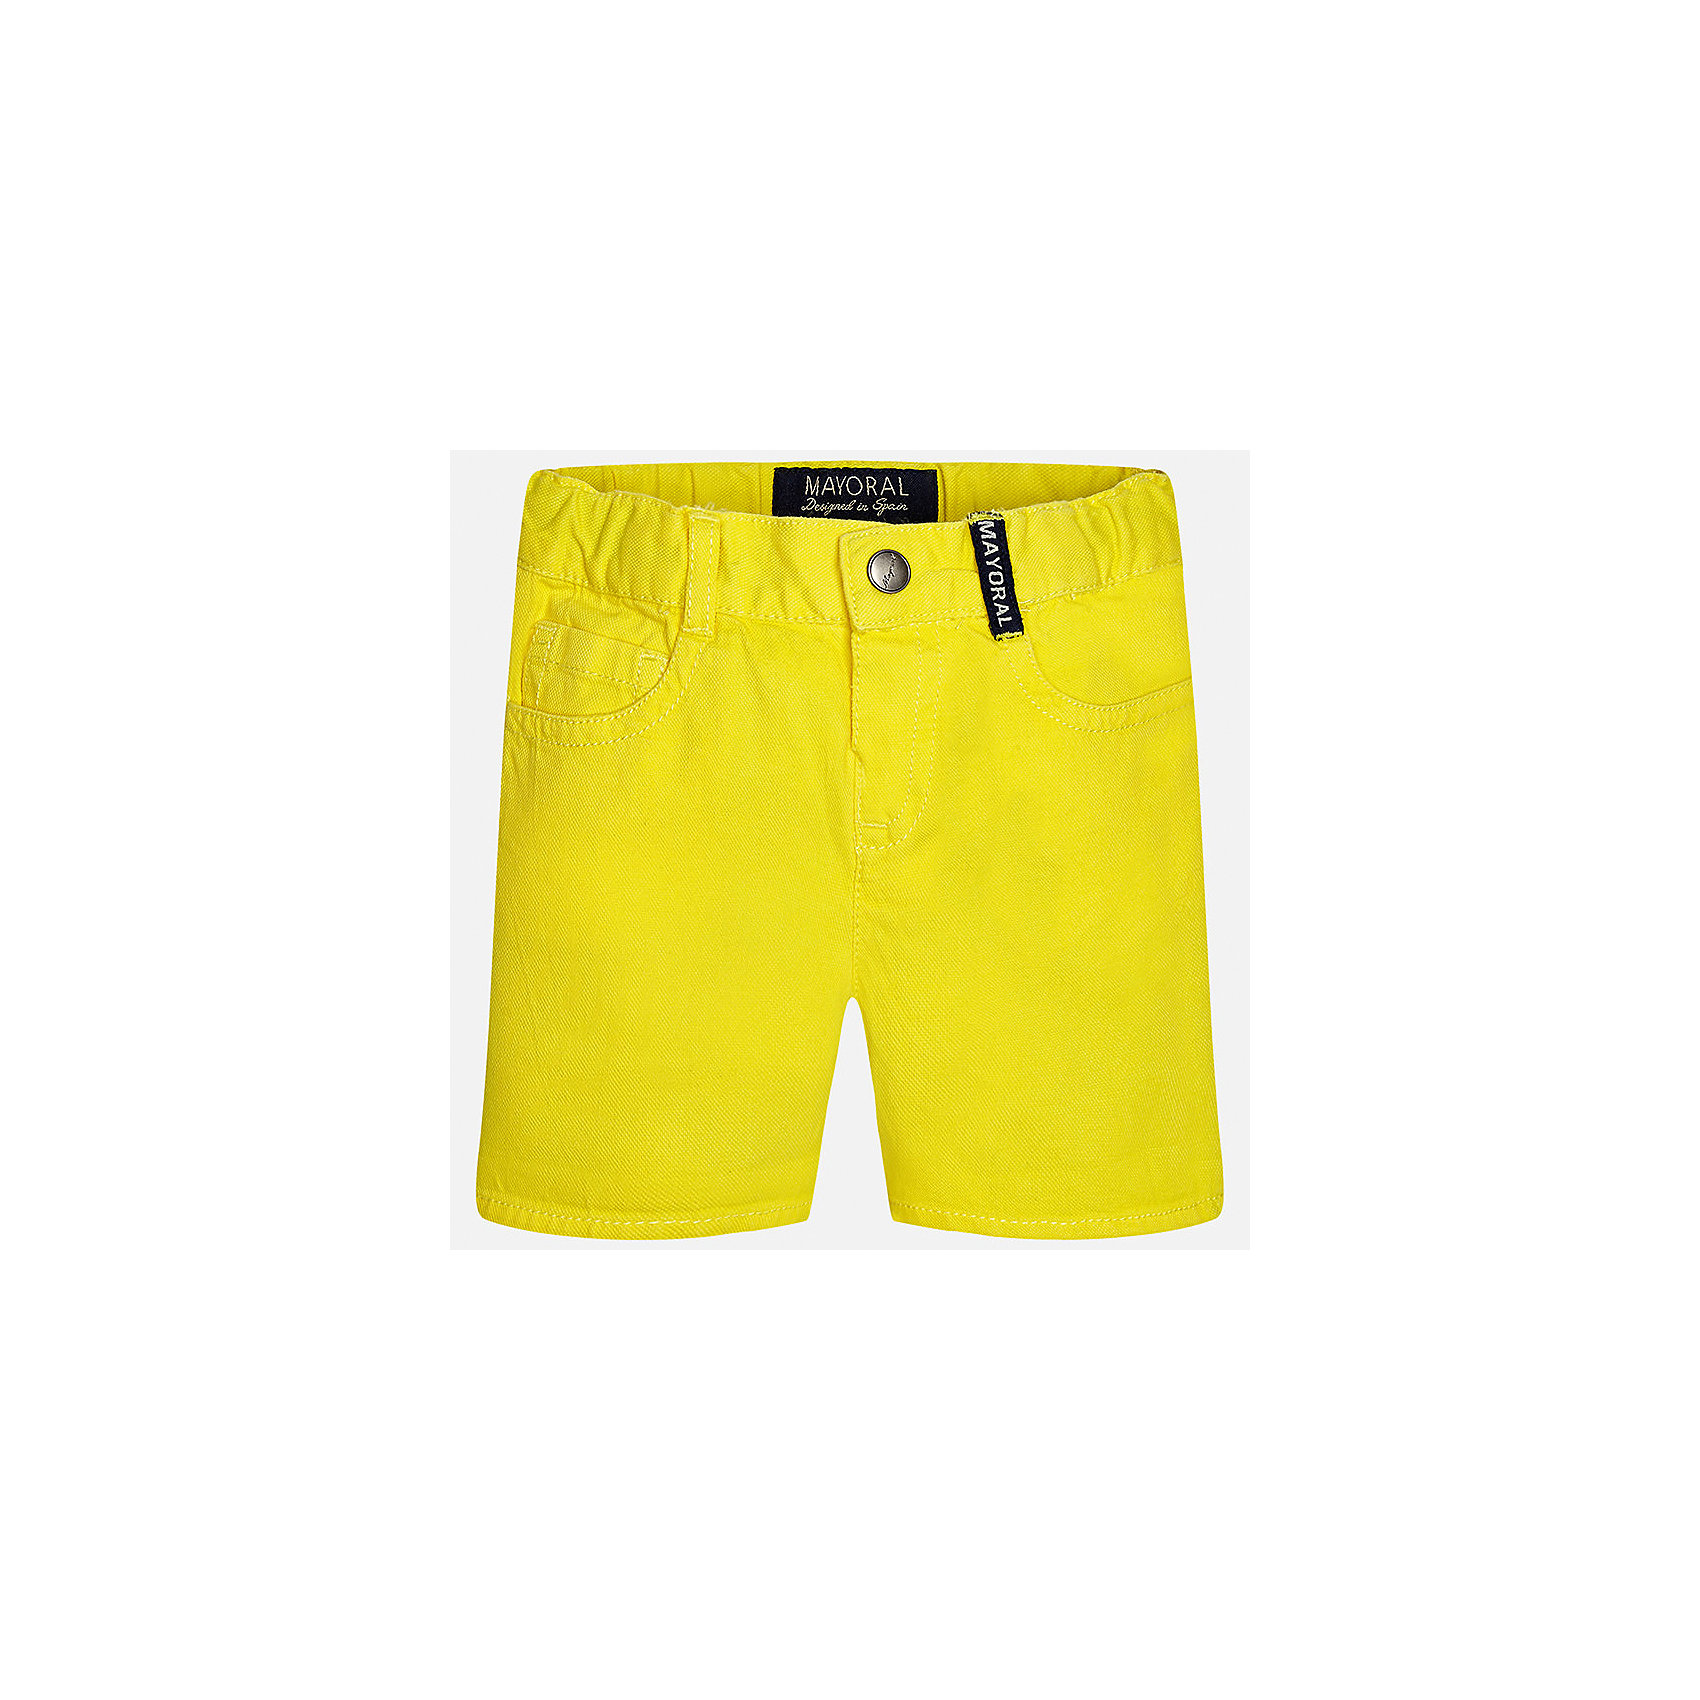 Бриджи для мальчика MayoralШорты и бриджи<br>Характеристики товара:<br><br>• цвет: жёлтый<br>• состав: 100% хлопок<br>• шлевки<br>• карманы<br>• пояс с регулировкой объема<br>• нашивка с логотипом<br>• страна бренда: Испания<br><br>Модные бриджи для мальчика смогут стать базовой вещью в гардеробе ребенка. Они отлично сочетаются с майками, футболками, рубашками и т.д. Универсальный крой и цвет позволяет подобрать к вещи верх разных расцветок. Практичное и стильное изделие! В составе материала - только натуральный хлопок, гипоаллергенный, приятный на ощупь, дышащий.<br><br>Одежда, обувь и аксессуары от испанского бренда Mayoral полюбились детям и взрослым по всему миру. Модели этой марки - стильные и удобные. Для их производства используются только безопасные, качественные материалы и фурнитура. Порадуйте ребенка модными и красивыми вещами от Mayoral! <br><br>Бриджи для мальчика от испанского бренда Mayoral (Майорал) можно купить в нашем интернет-магазине.<br><br>Ширина мм: 191<br>Глубина мм: 10<br>Высота мм: 175<br>Вес г: 273<br>Цвет: желтый<br>Возраст от месяцев: 18<br>Возраст до месяцев: 24<br>Пол: Мужской<br>Возраст: Детский<br>Размер: 92,74,80,86<br>SKU: 5279490